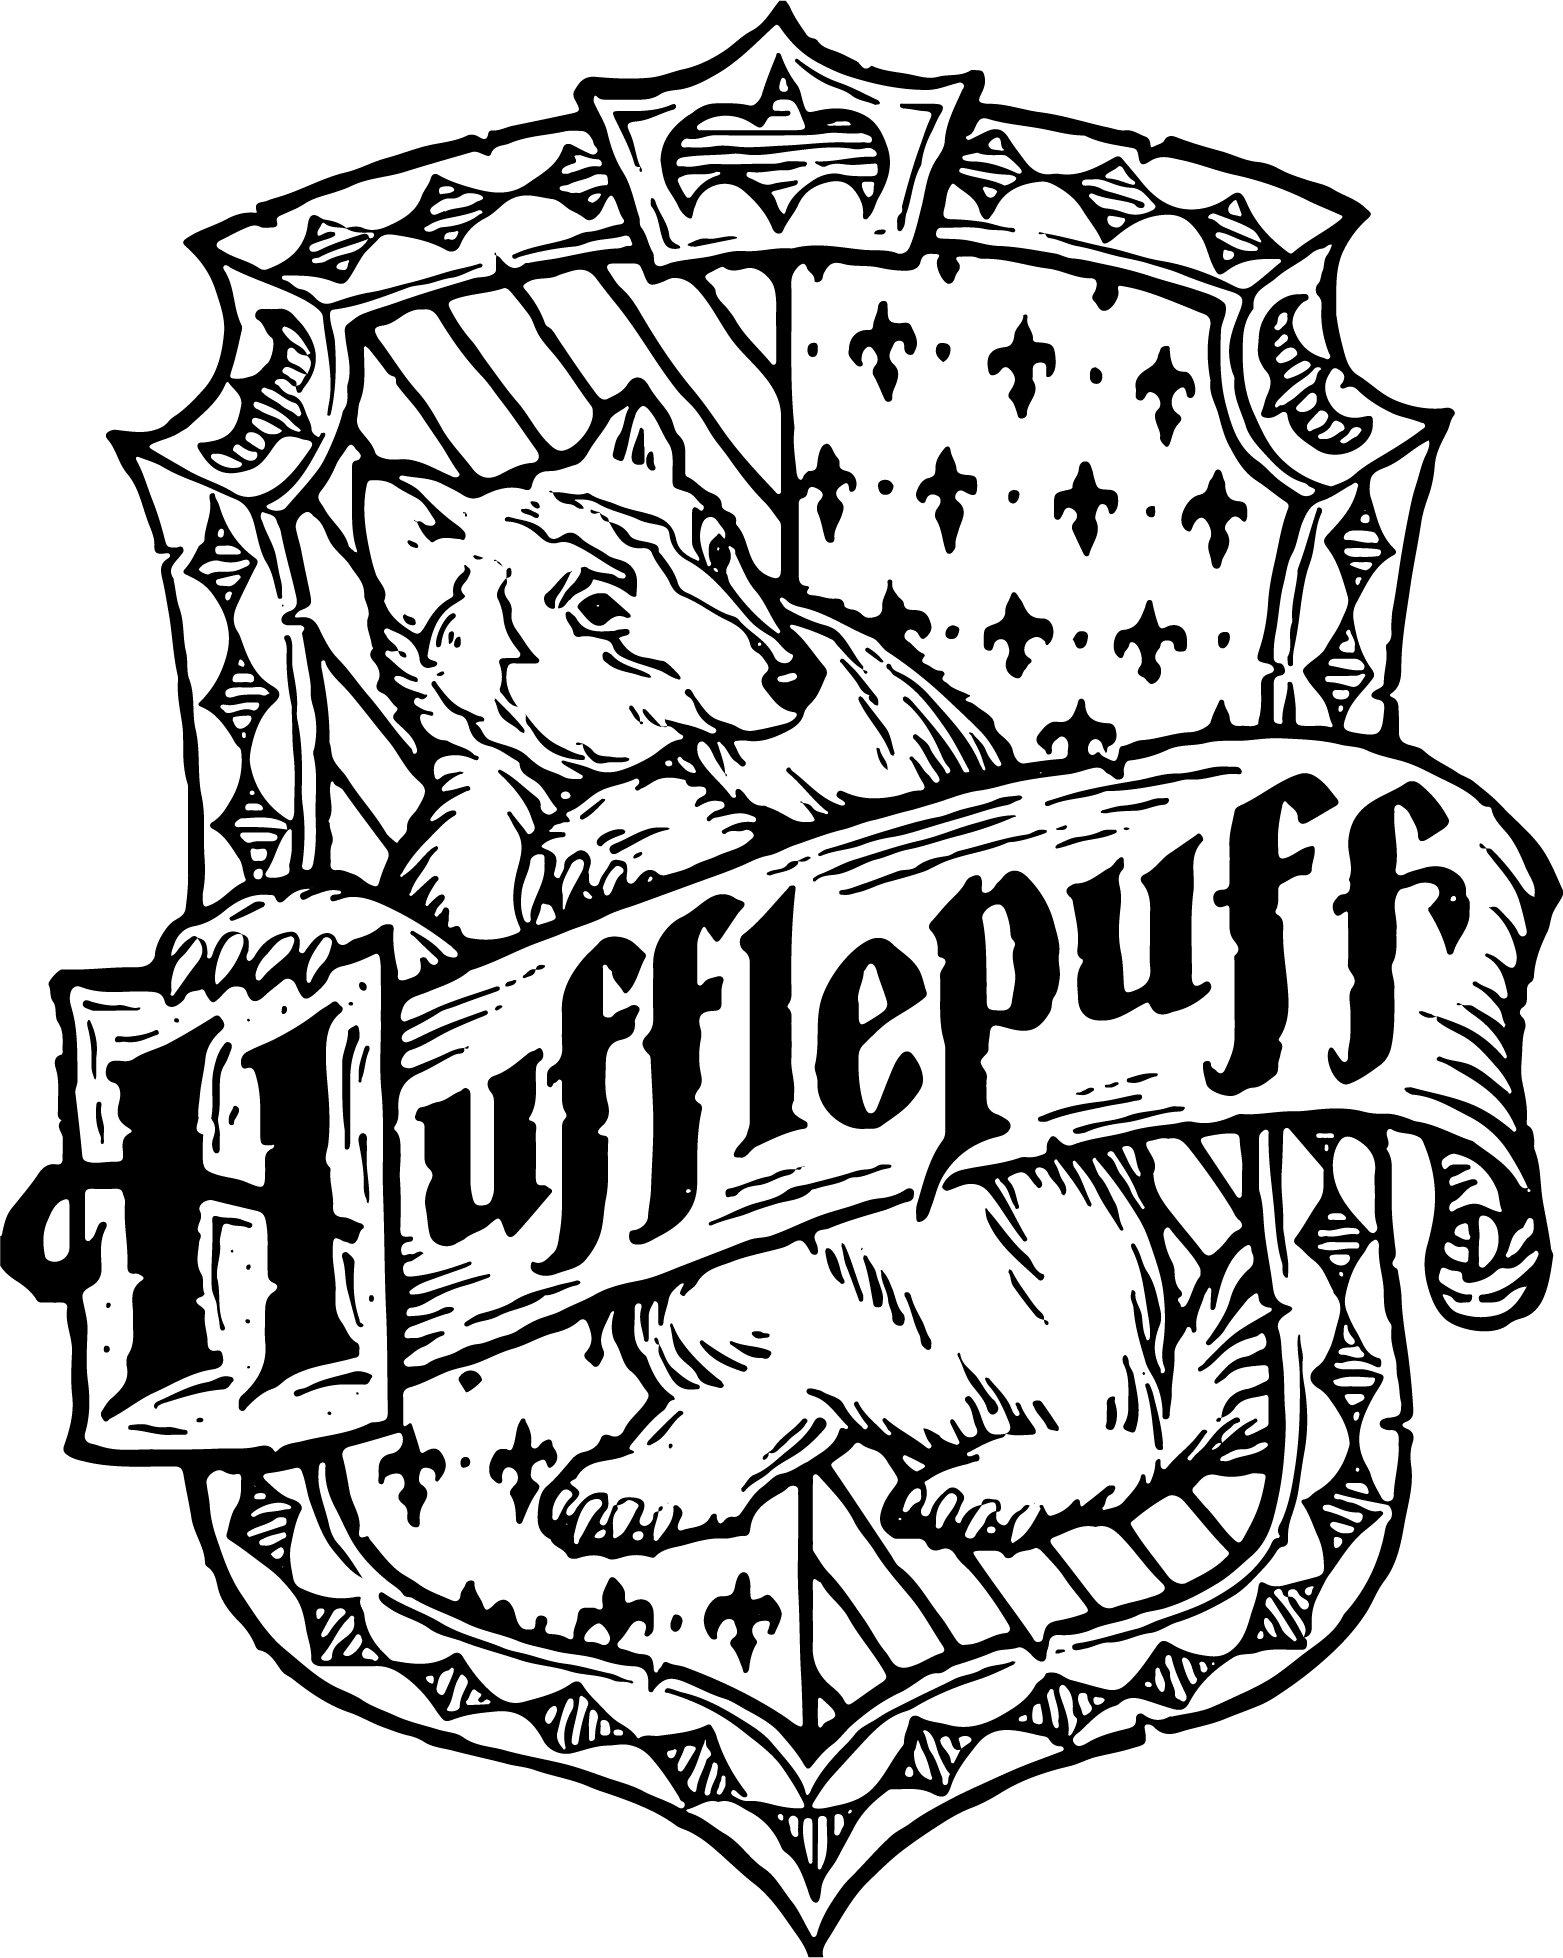 instant download harry potter svg cut files harry potter auto DEH-6400BT Wiring-Diagram hufflepuff svg crest emblem badge harry potter svg